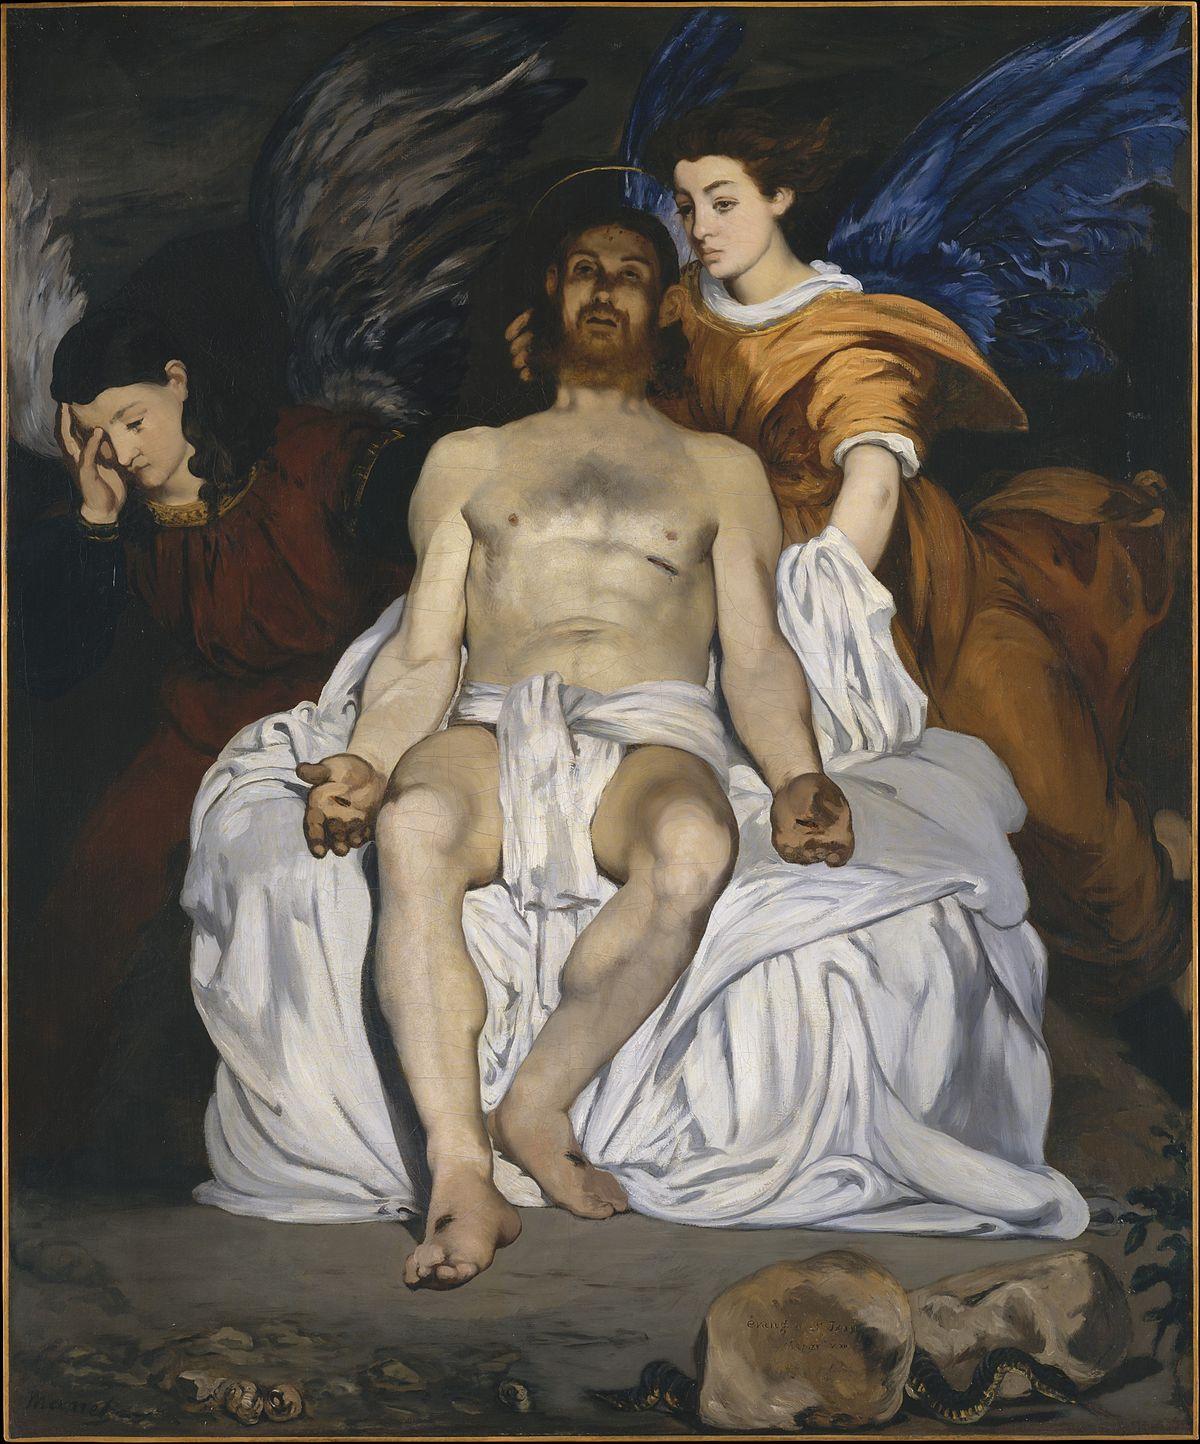 1200px-Édouard_Manet_-_Le_Christ_mort_et_les_anges